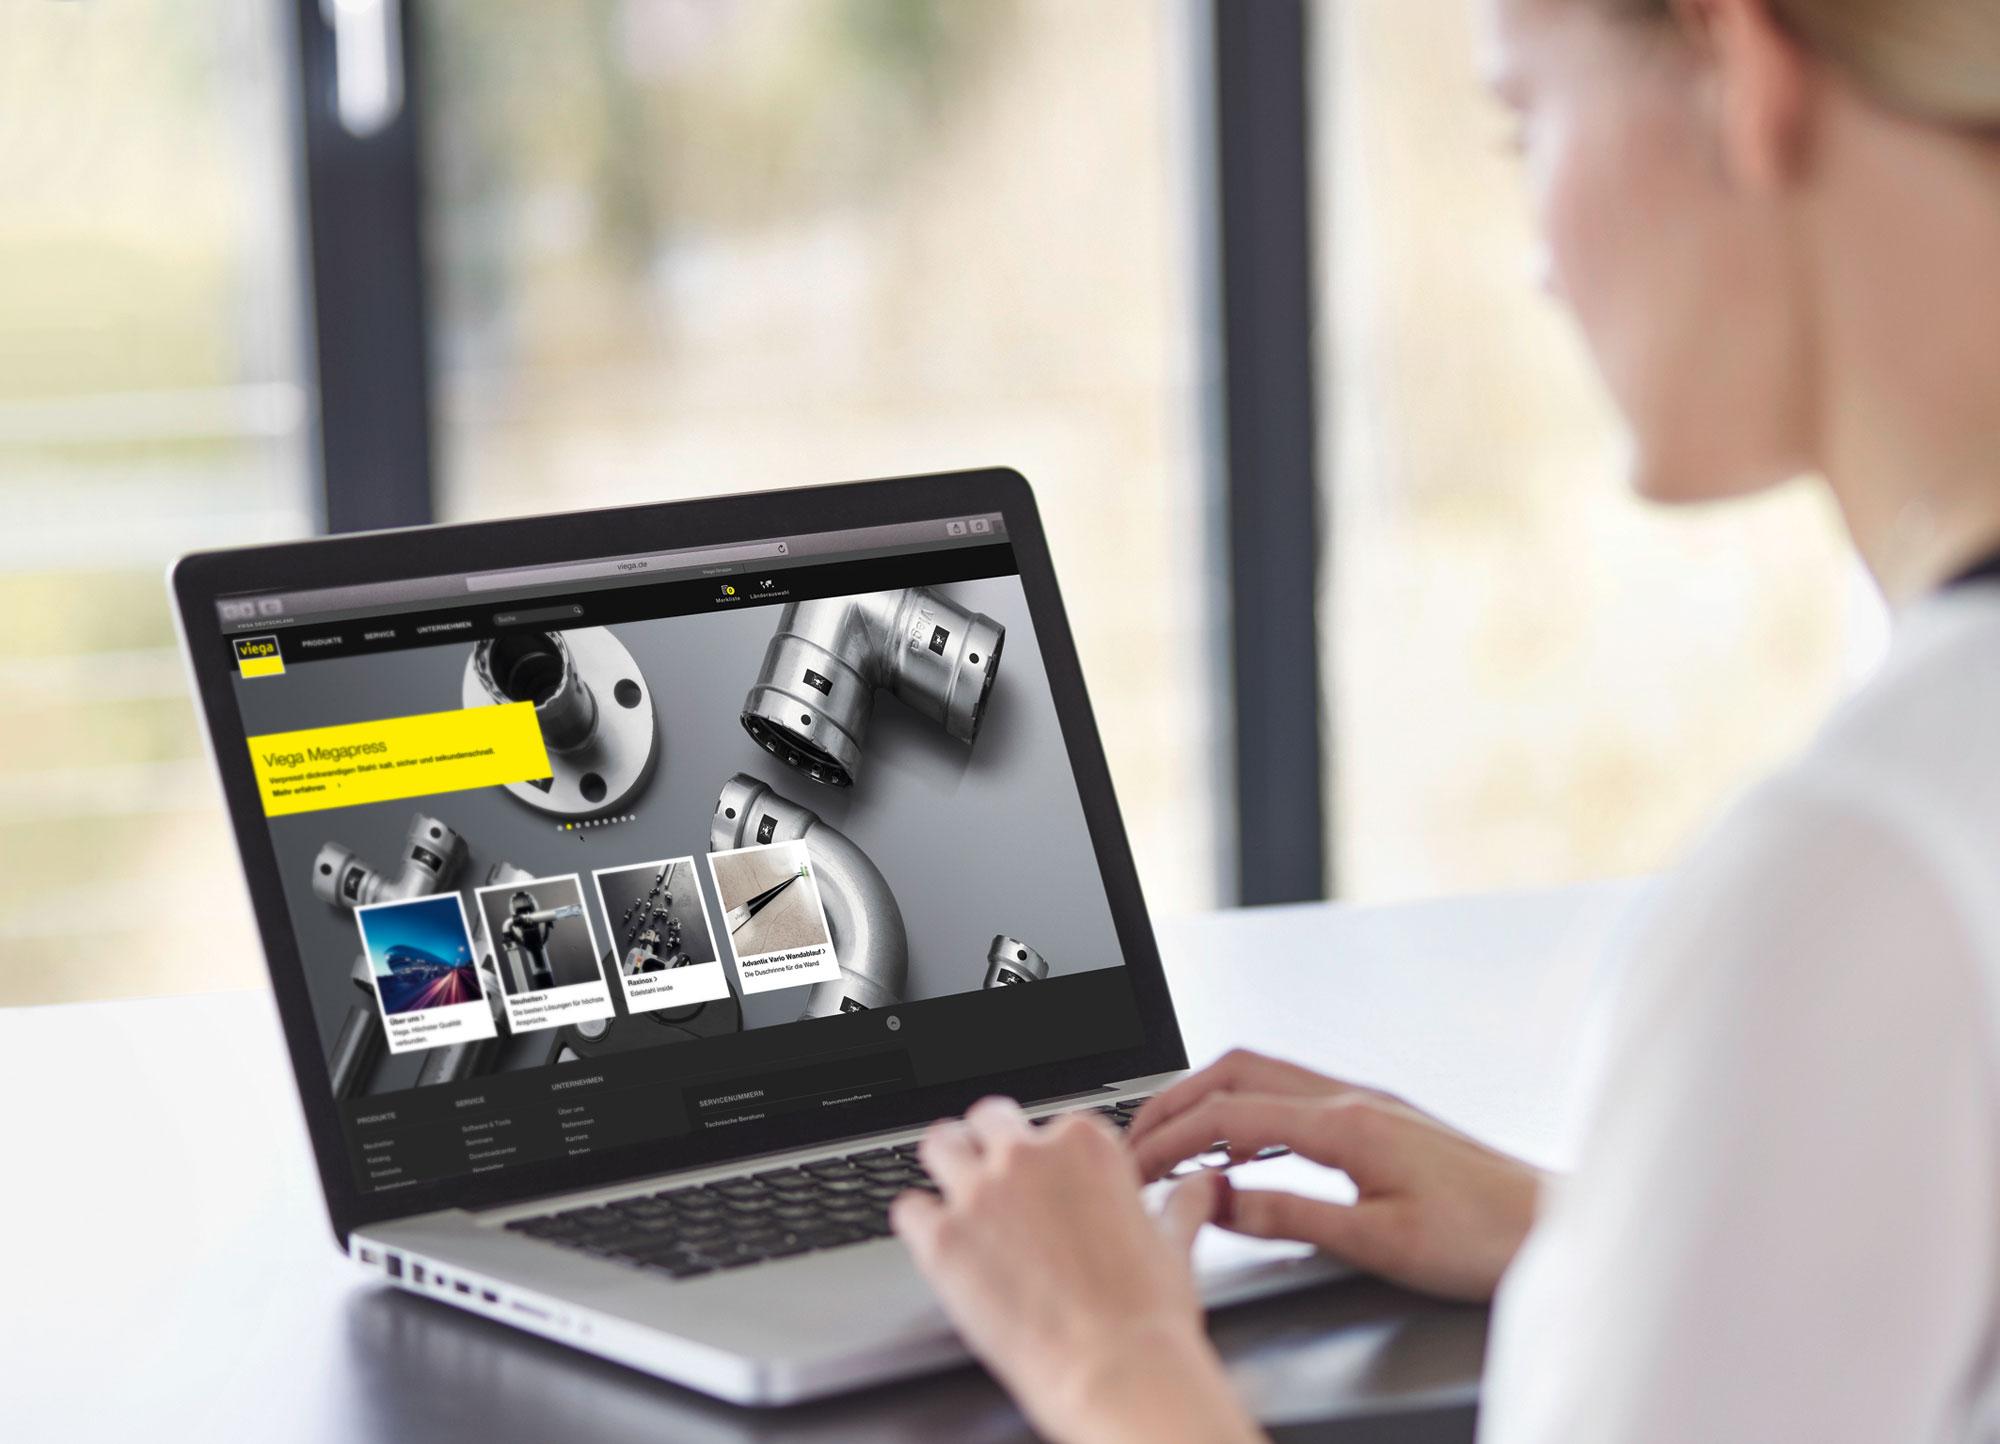 Atrakcyjne wizualnie grafiki, intuicyjne menu i szeroki zakres różnorodnych informacji – to główne zalety nowej strony firmy Viega.